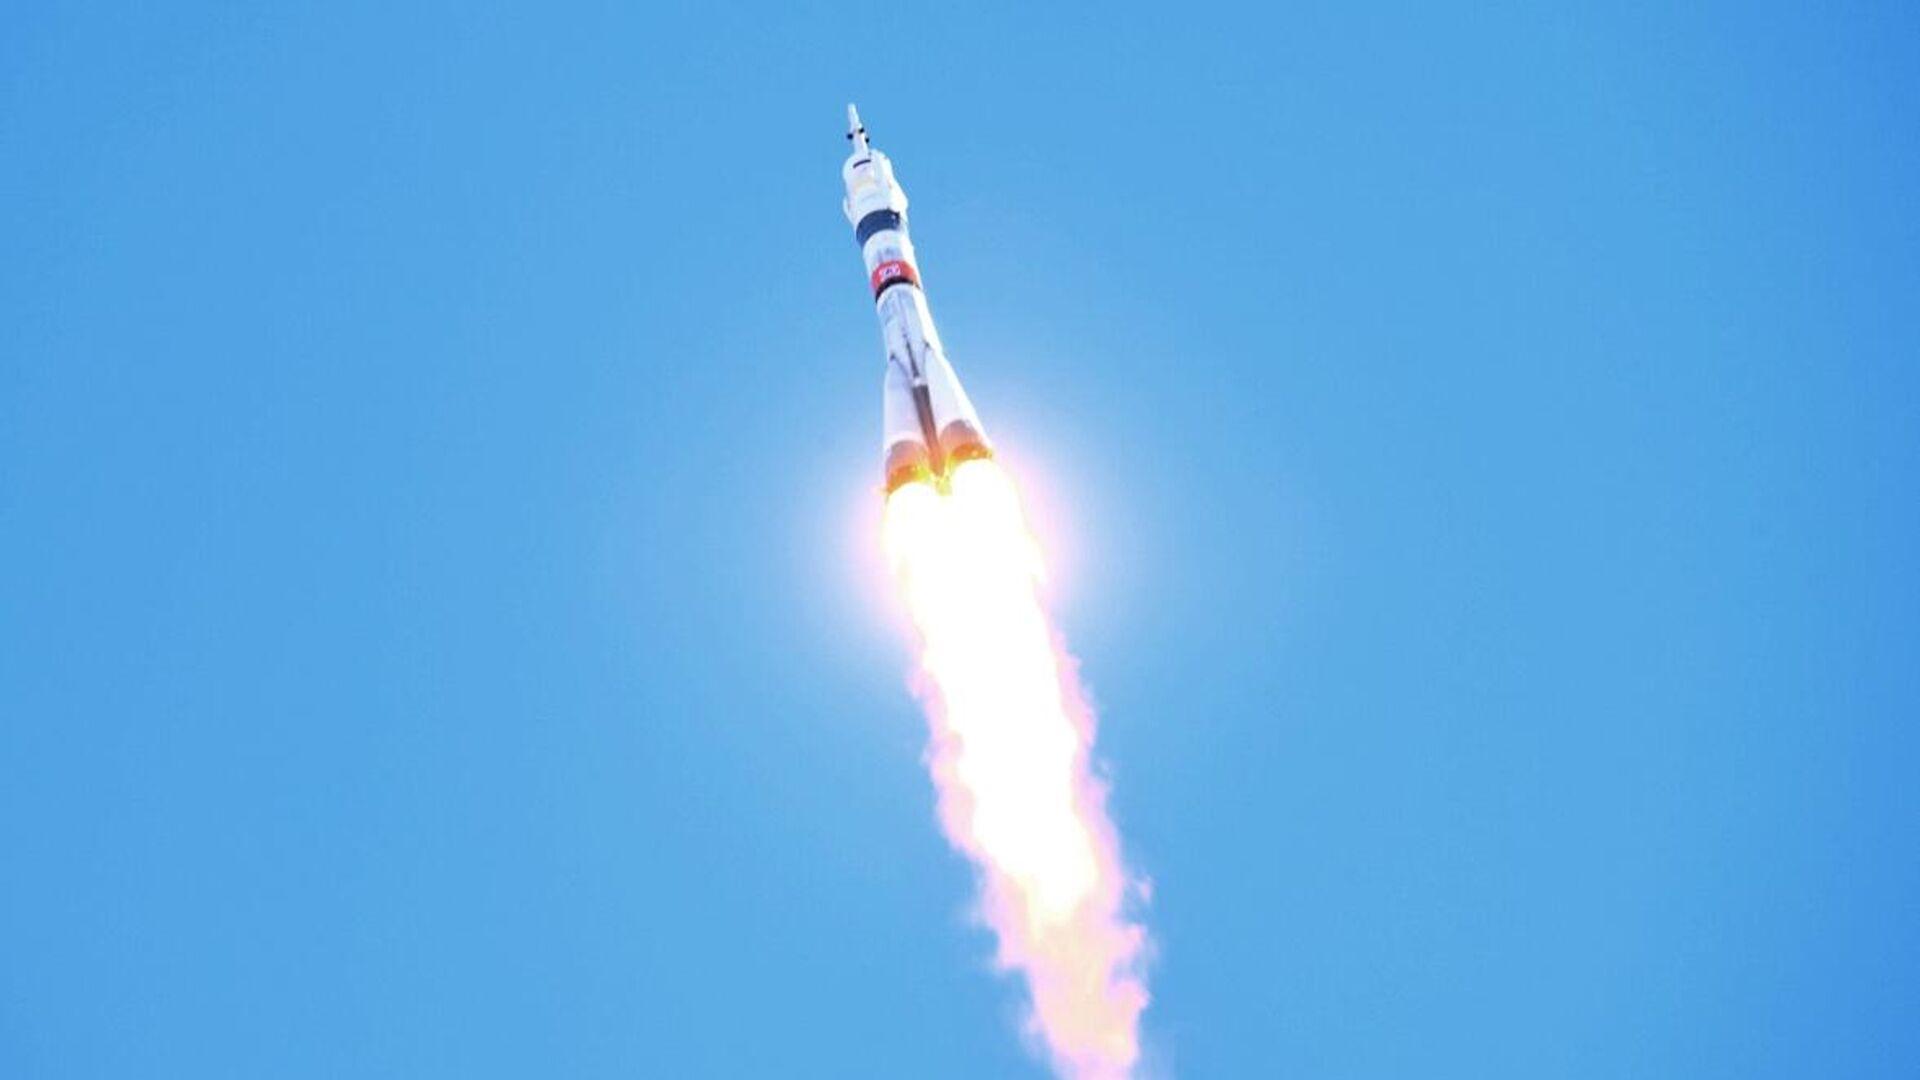 Запуск ракеты-носителя Союз-2-1а с кораблем Союз МС-17 с космодрома Байконур - РИА Новости, 1920, 14.10.2020